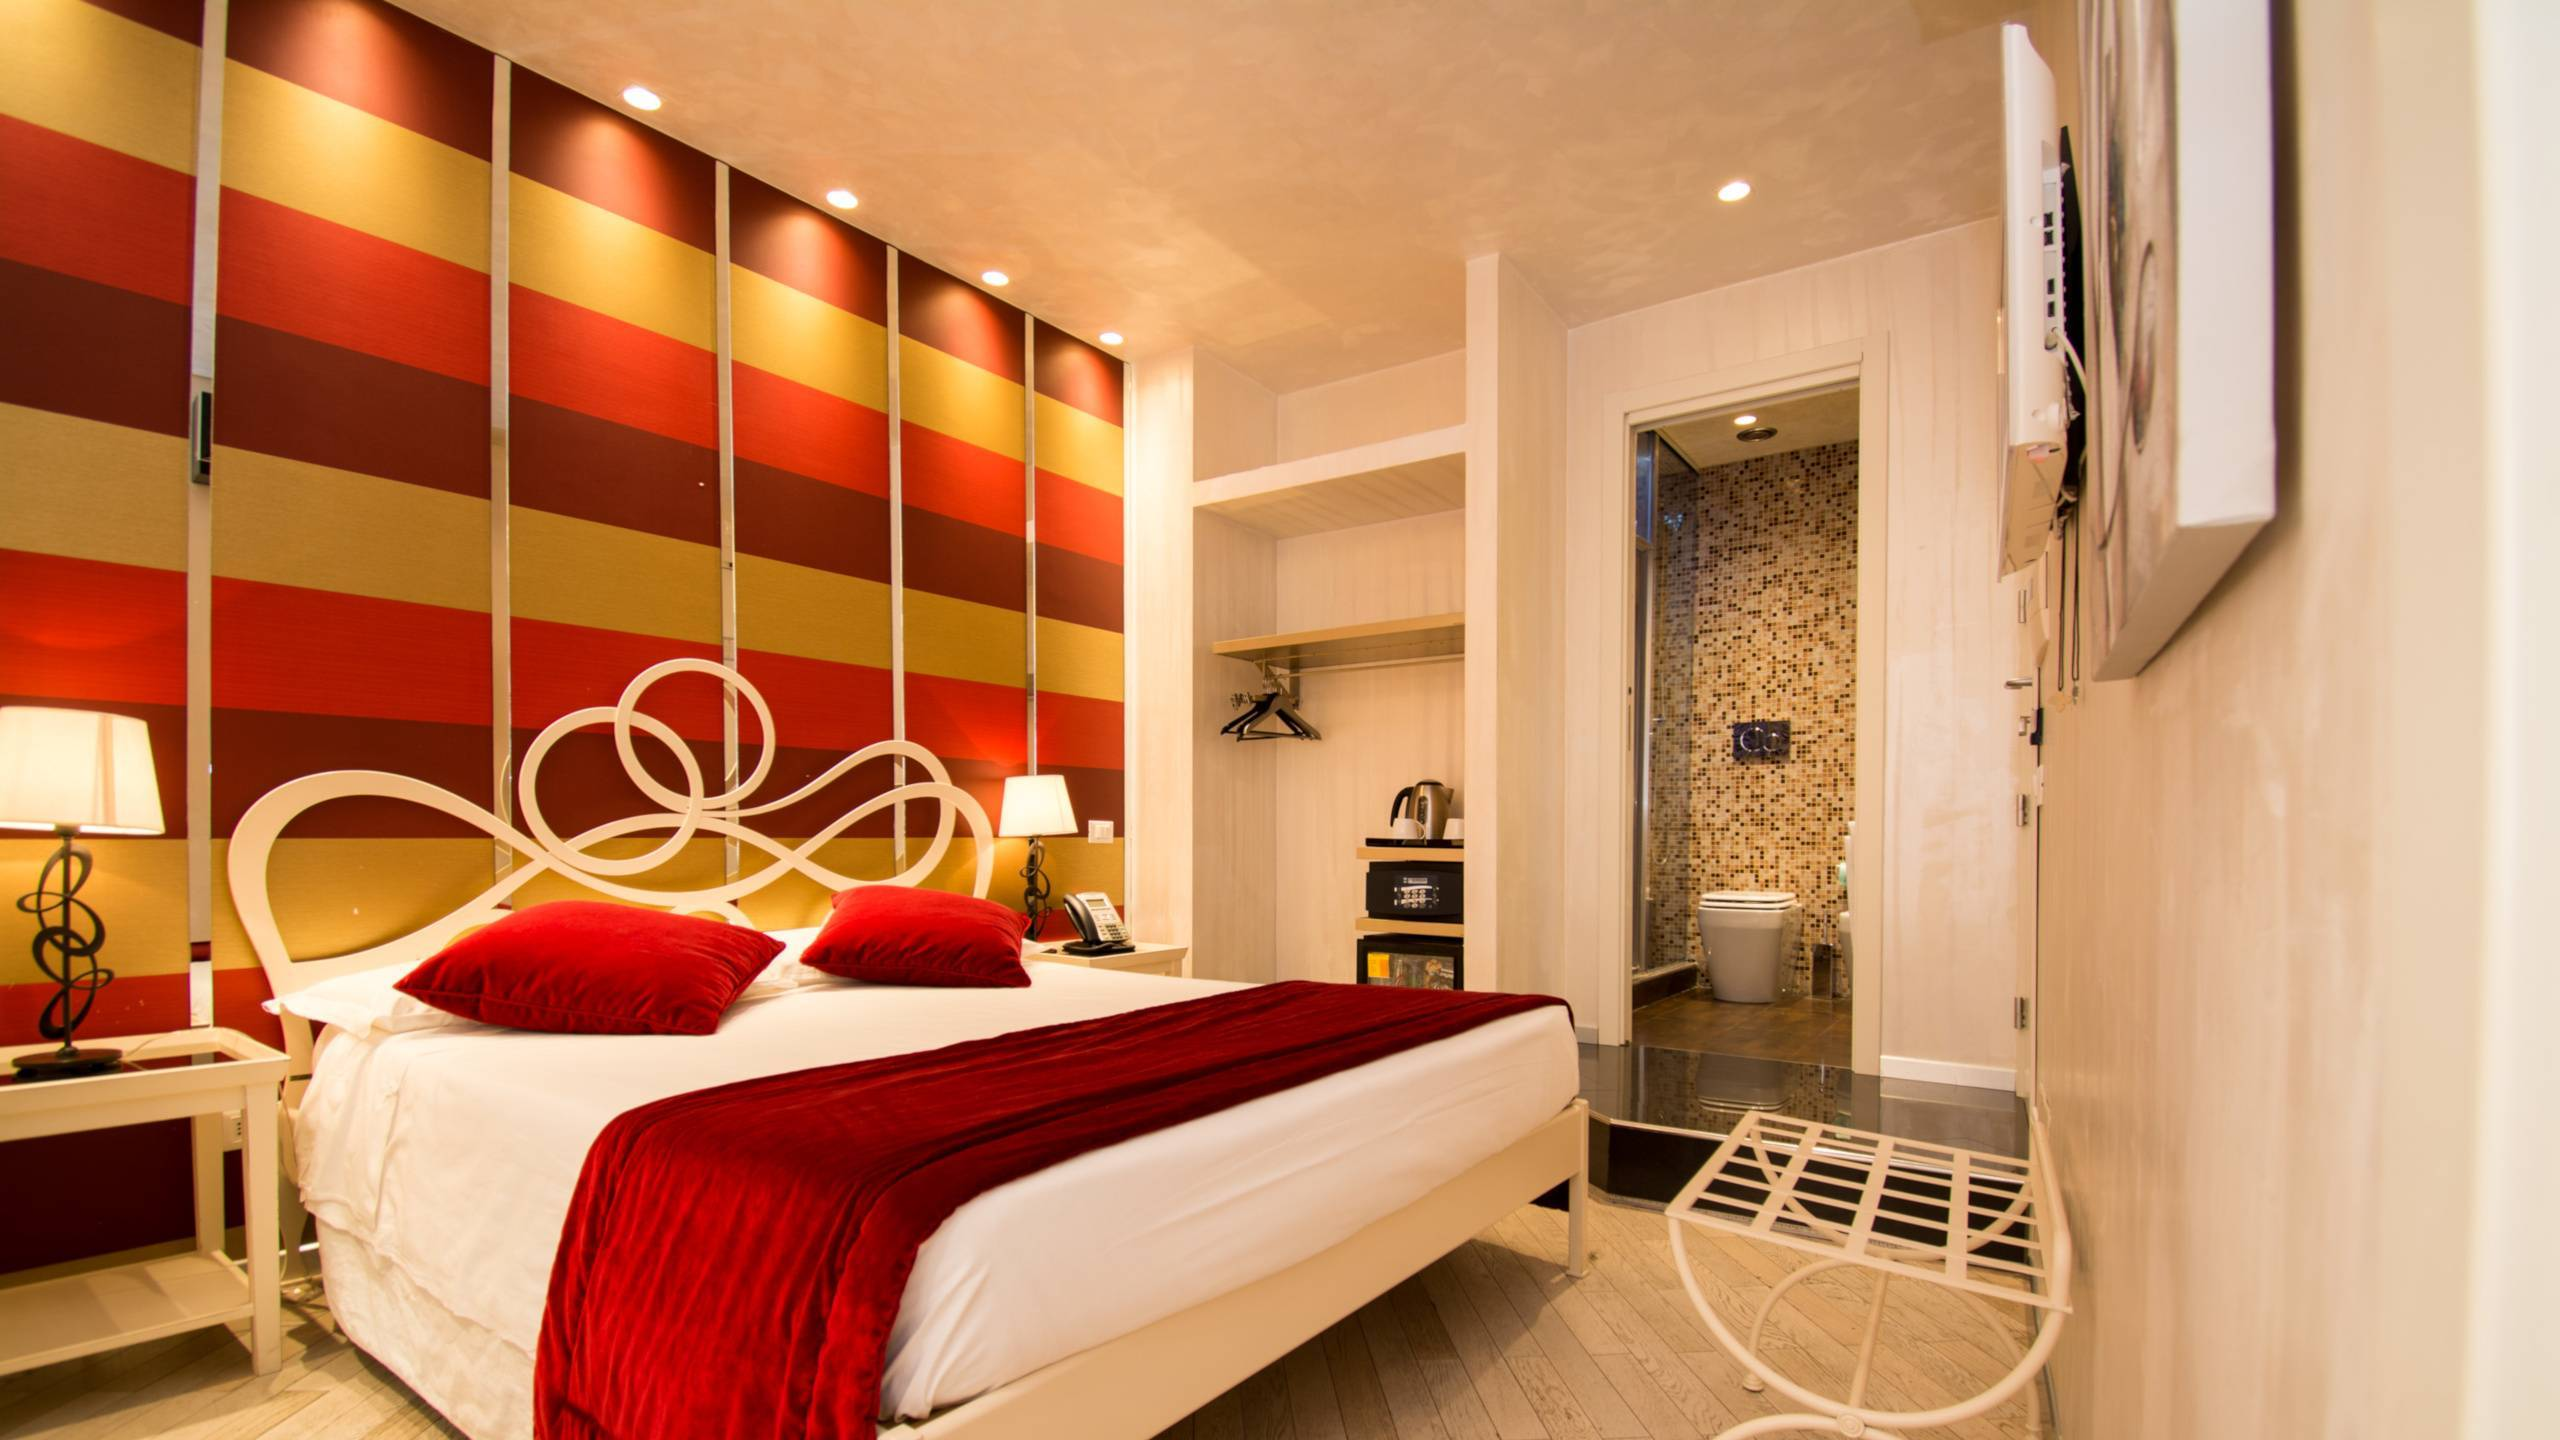 LBH-Hotel-caravita-roma-suite-1b